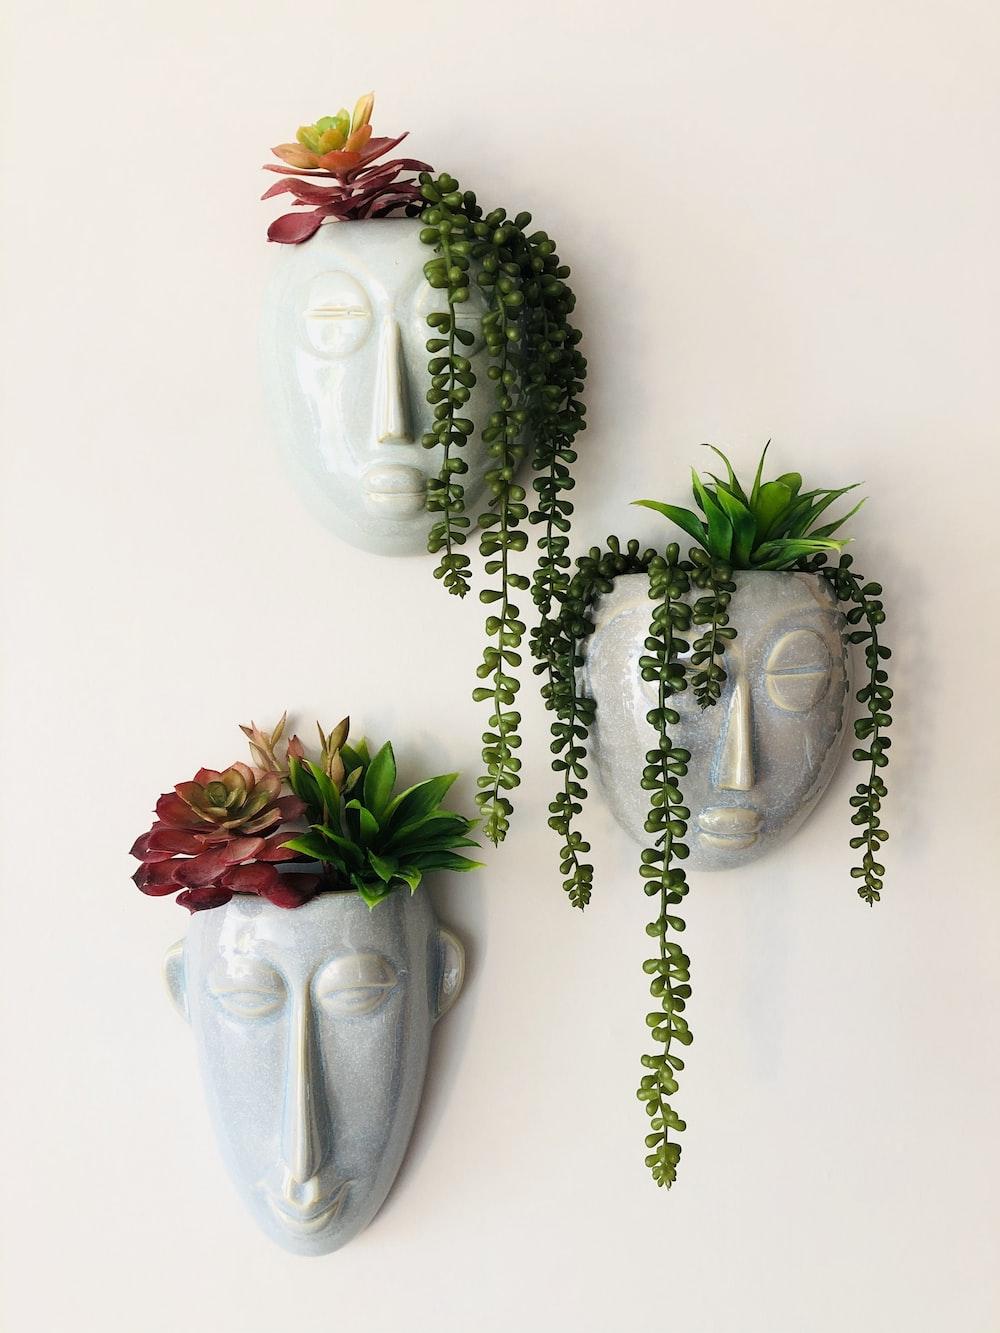 red roses on white ceramic vase